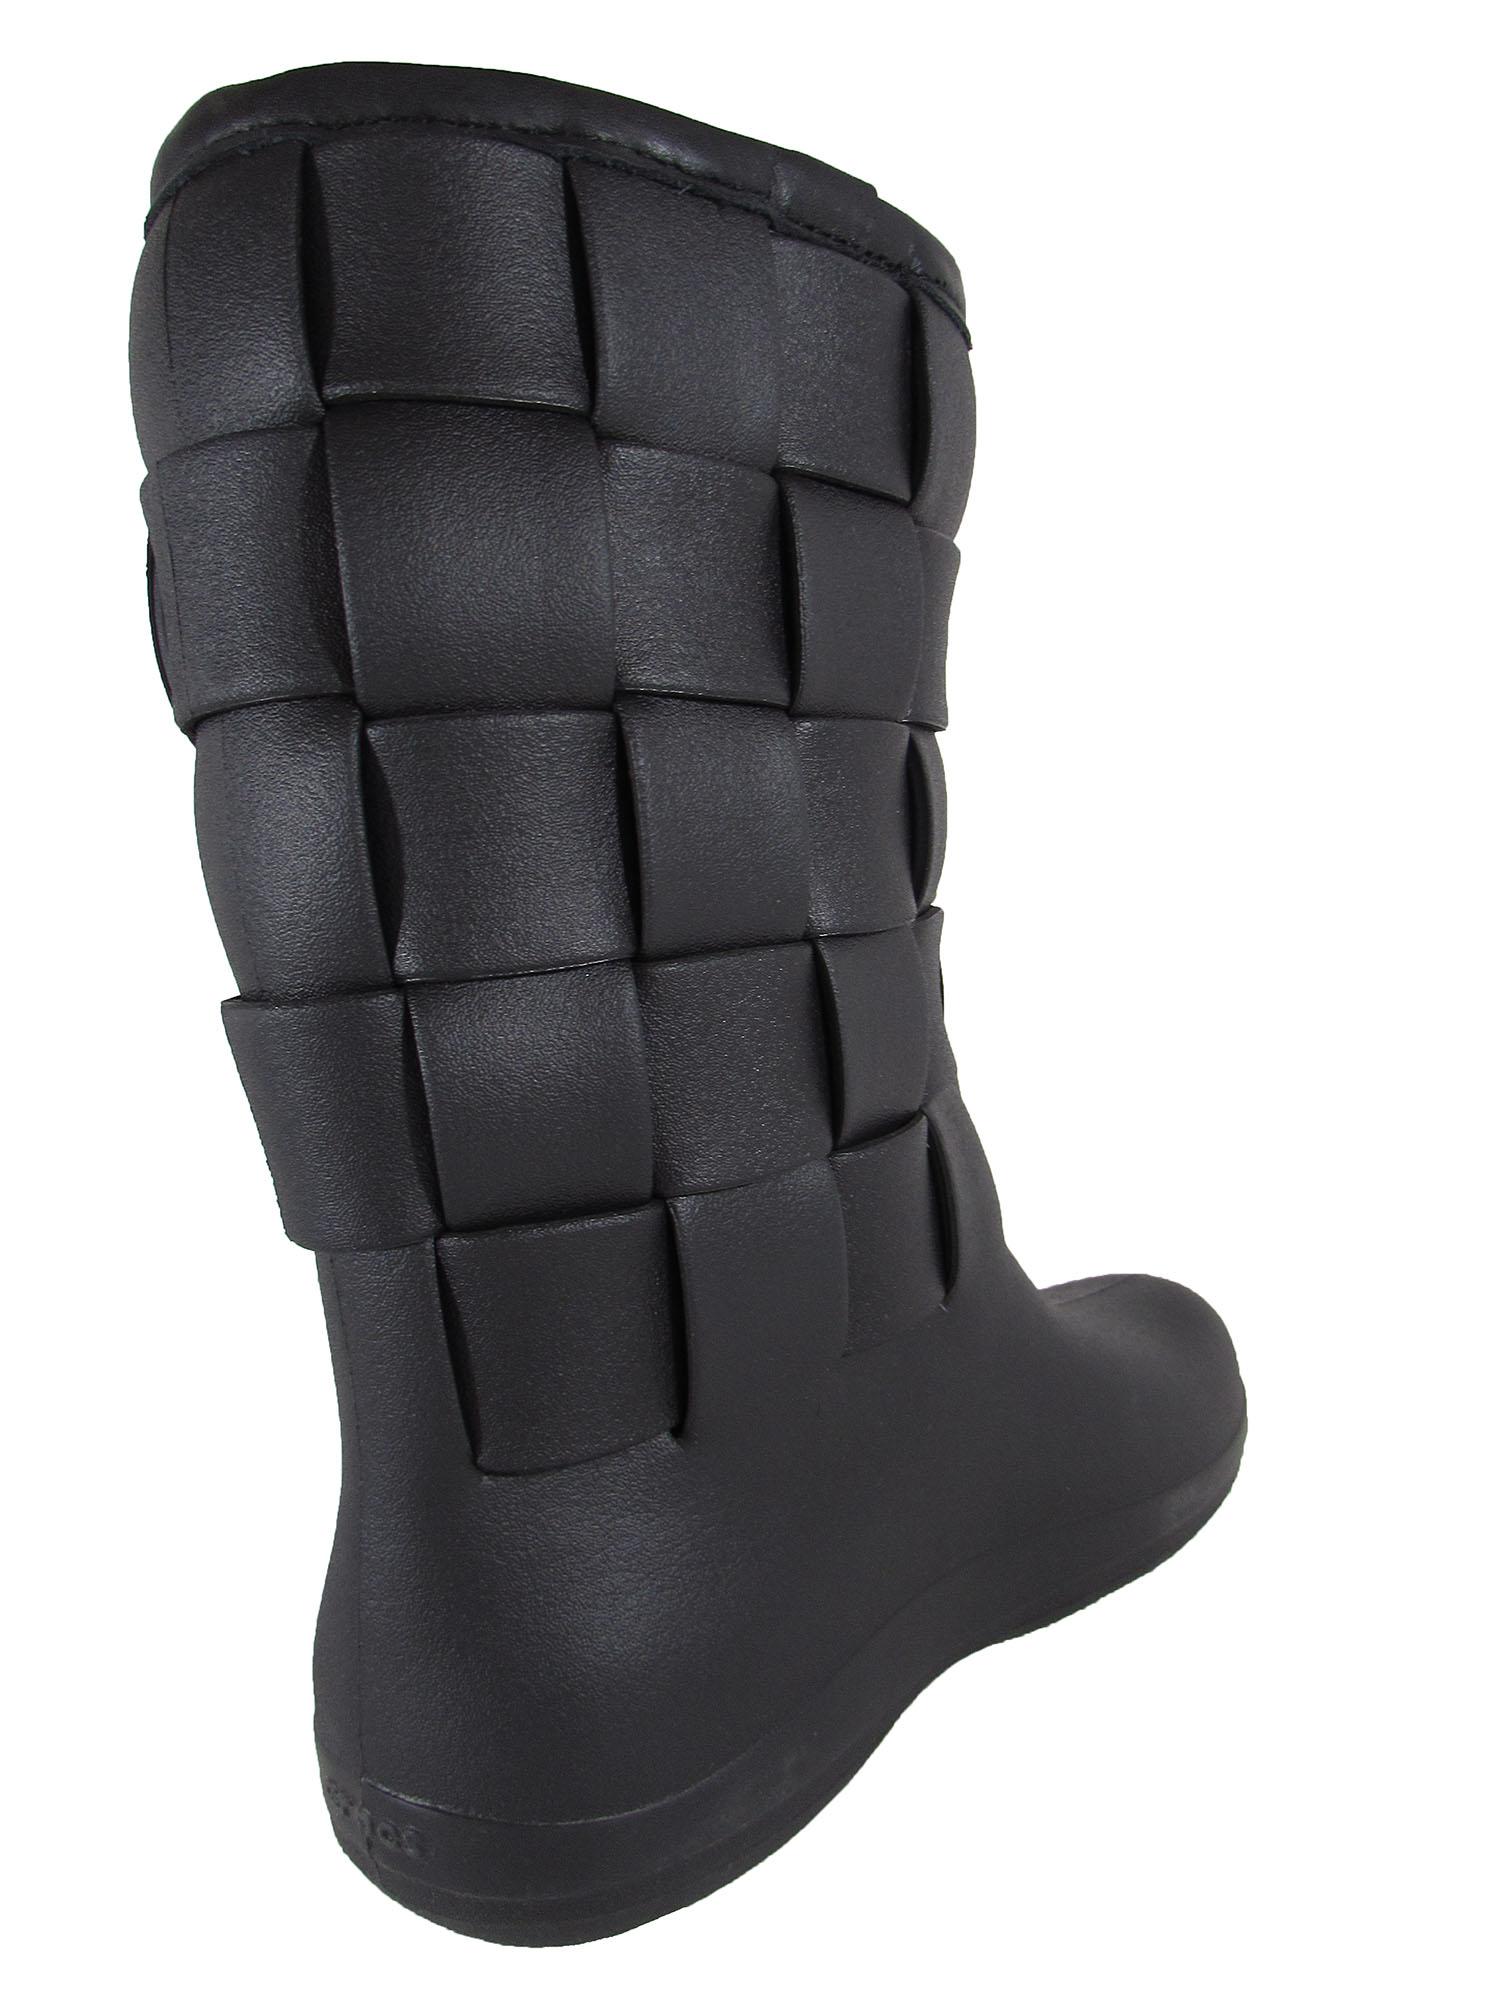 35336f69e Crocs-Womens-Super-Molded-Weave-Boot-Shoes thumbnail 4